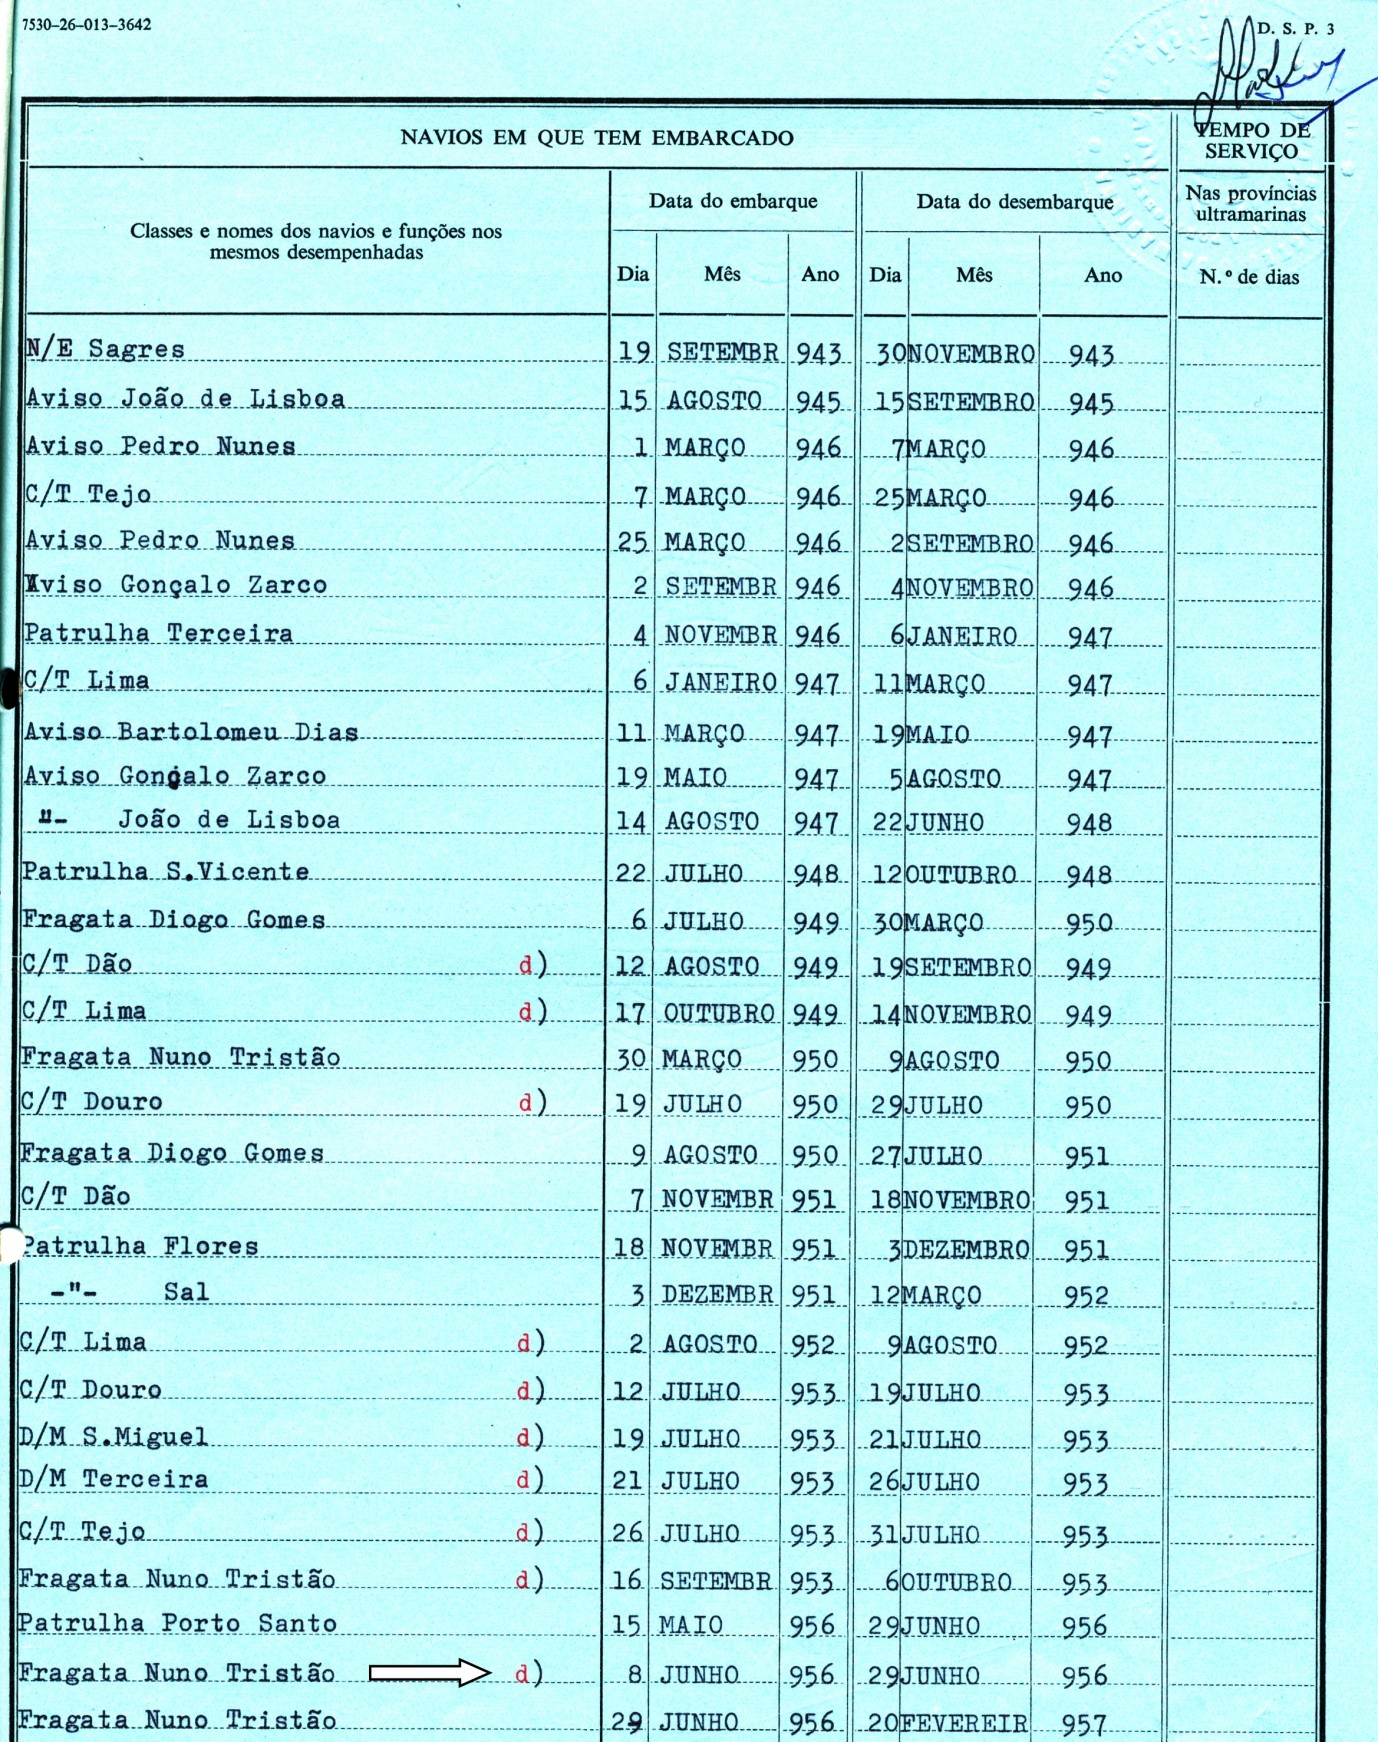 00298 956-06-08 chefe do Serv da Armas Submarinas da FF Nuno Tristão